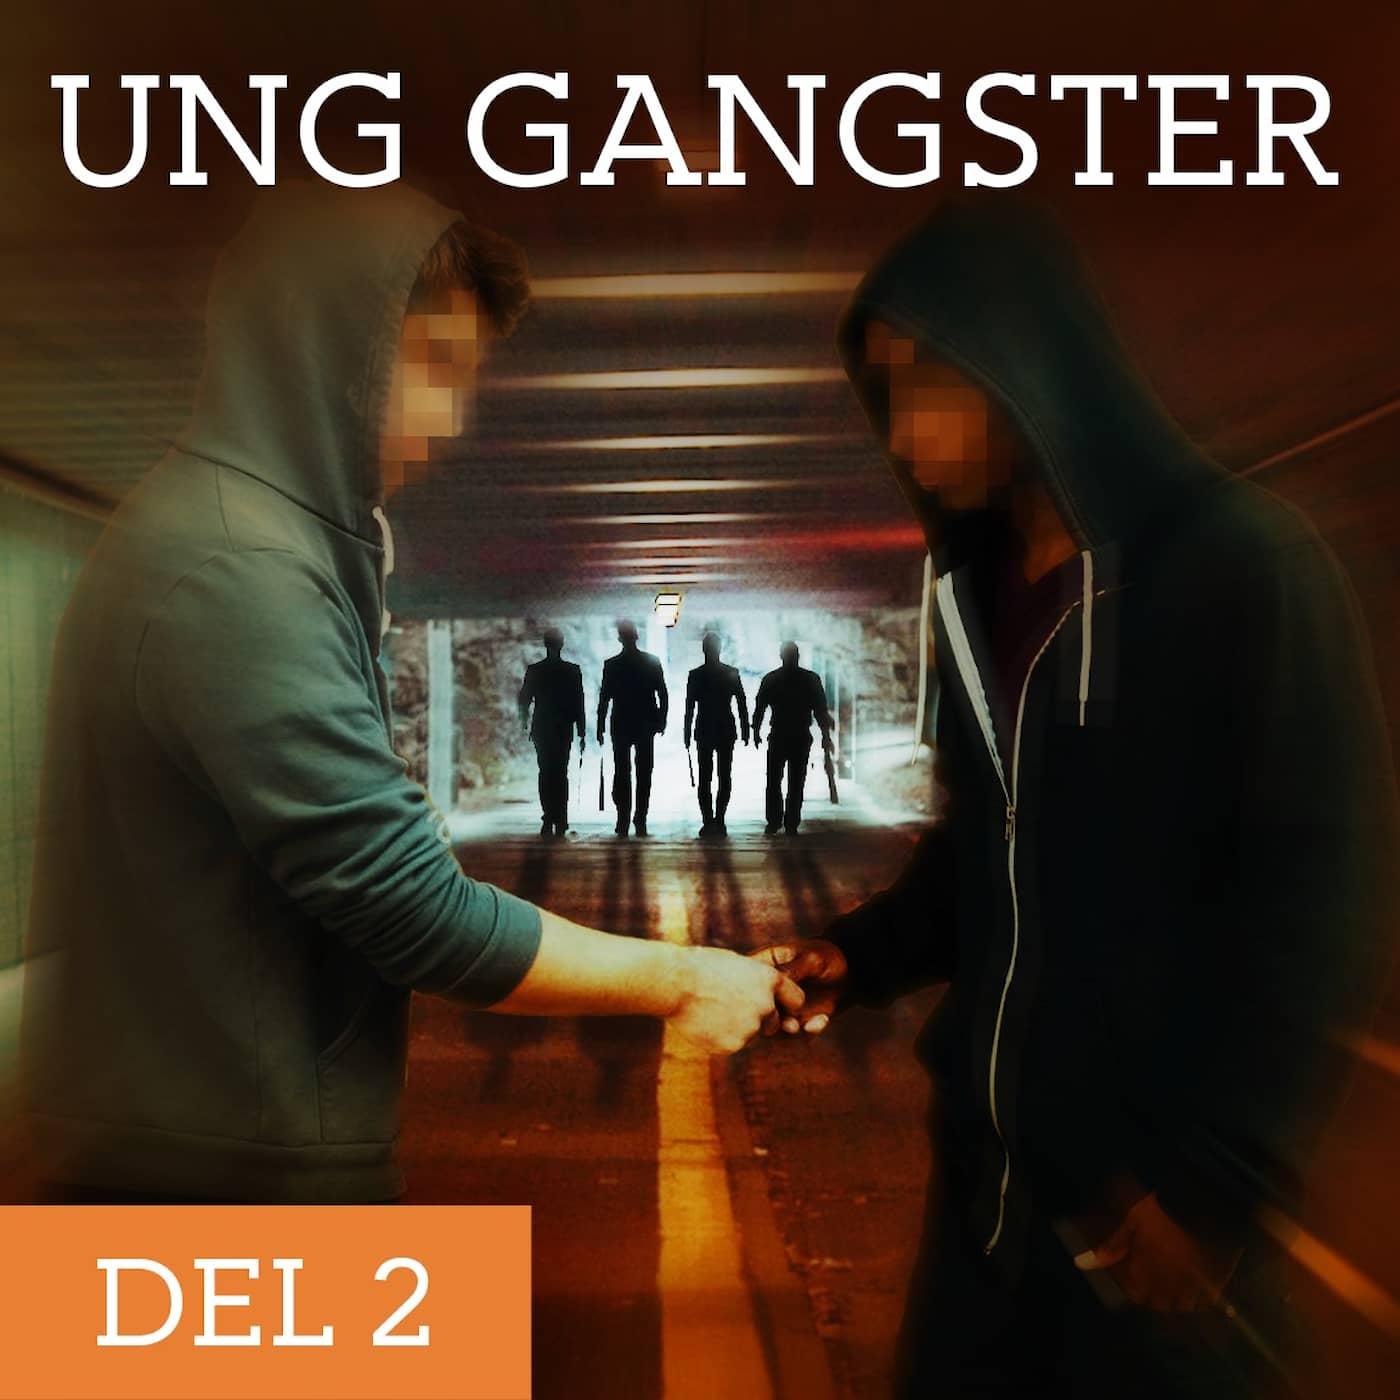 Ung Gangster – Börja från botten